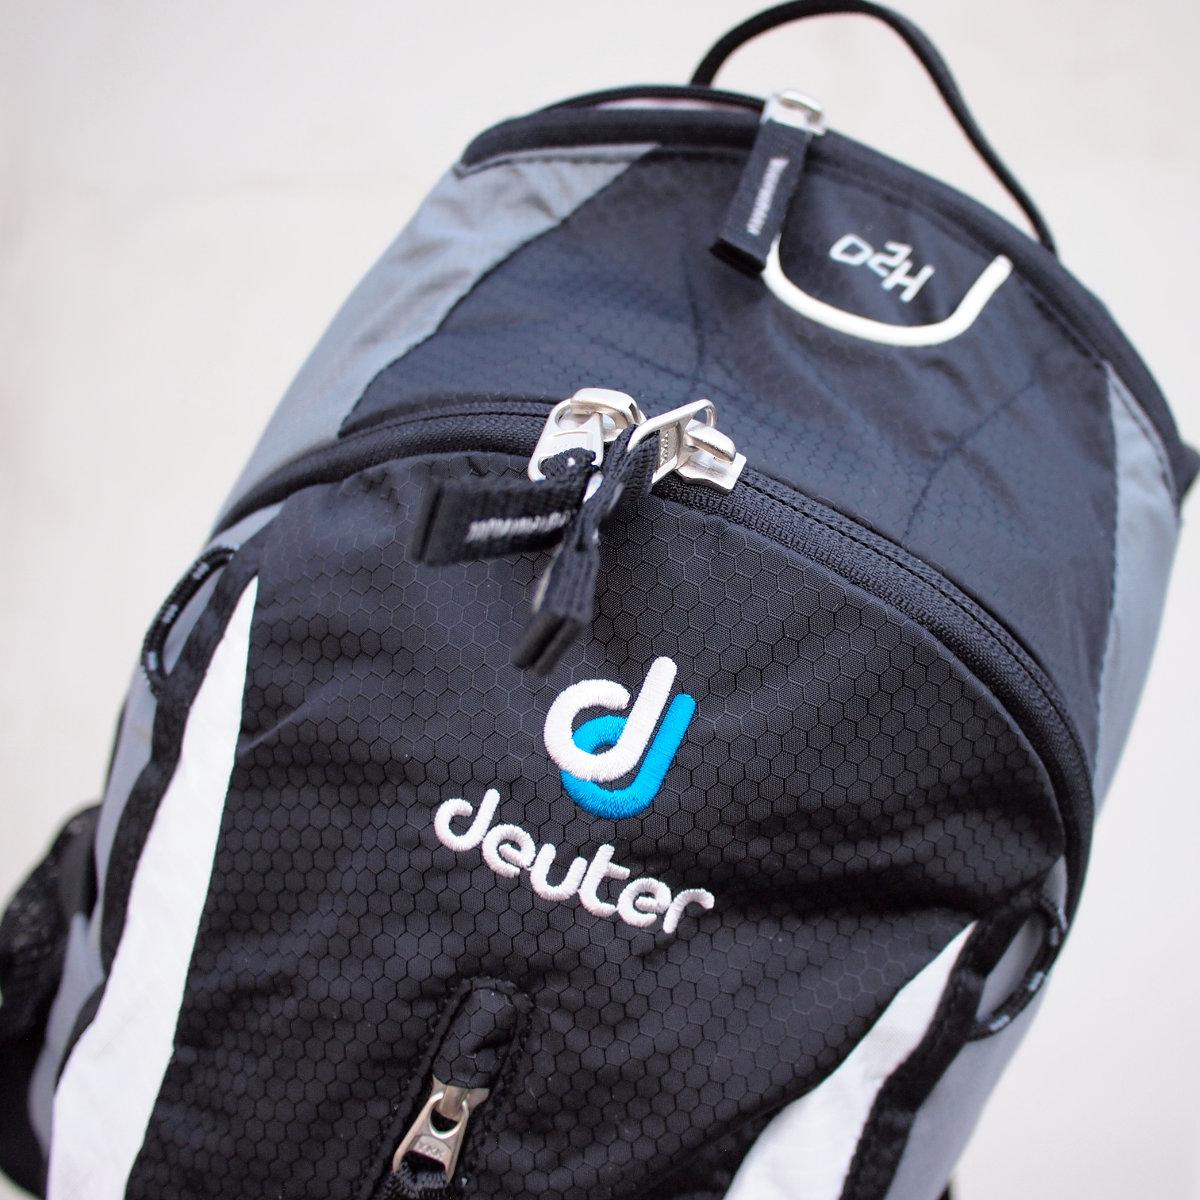 Teljesítmény-orientált kerékpározáshoz kínált könnyű, kompakt hátizsák...